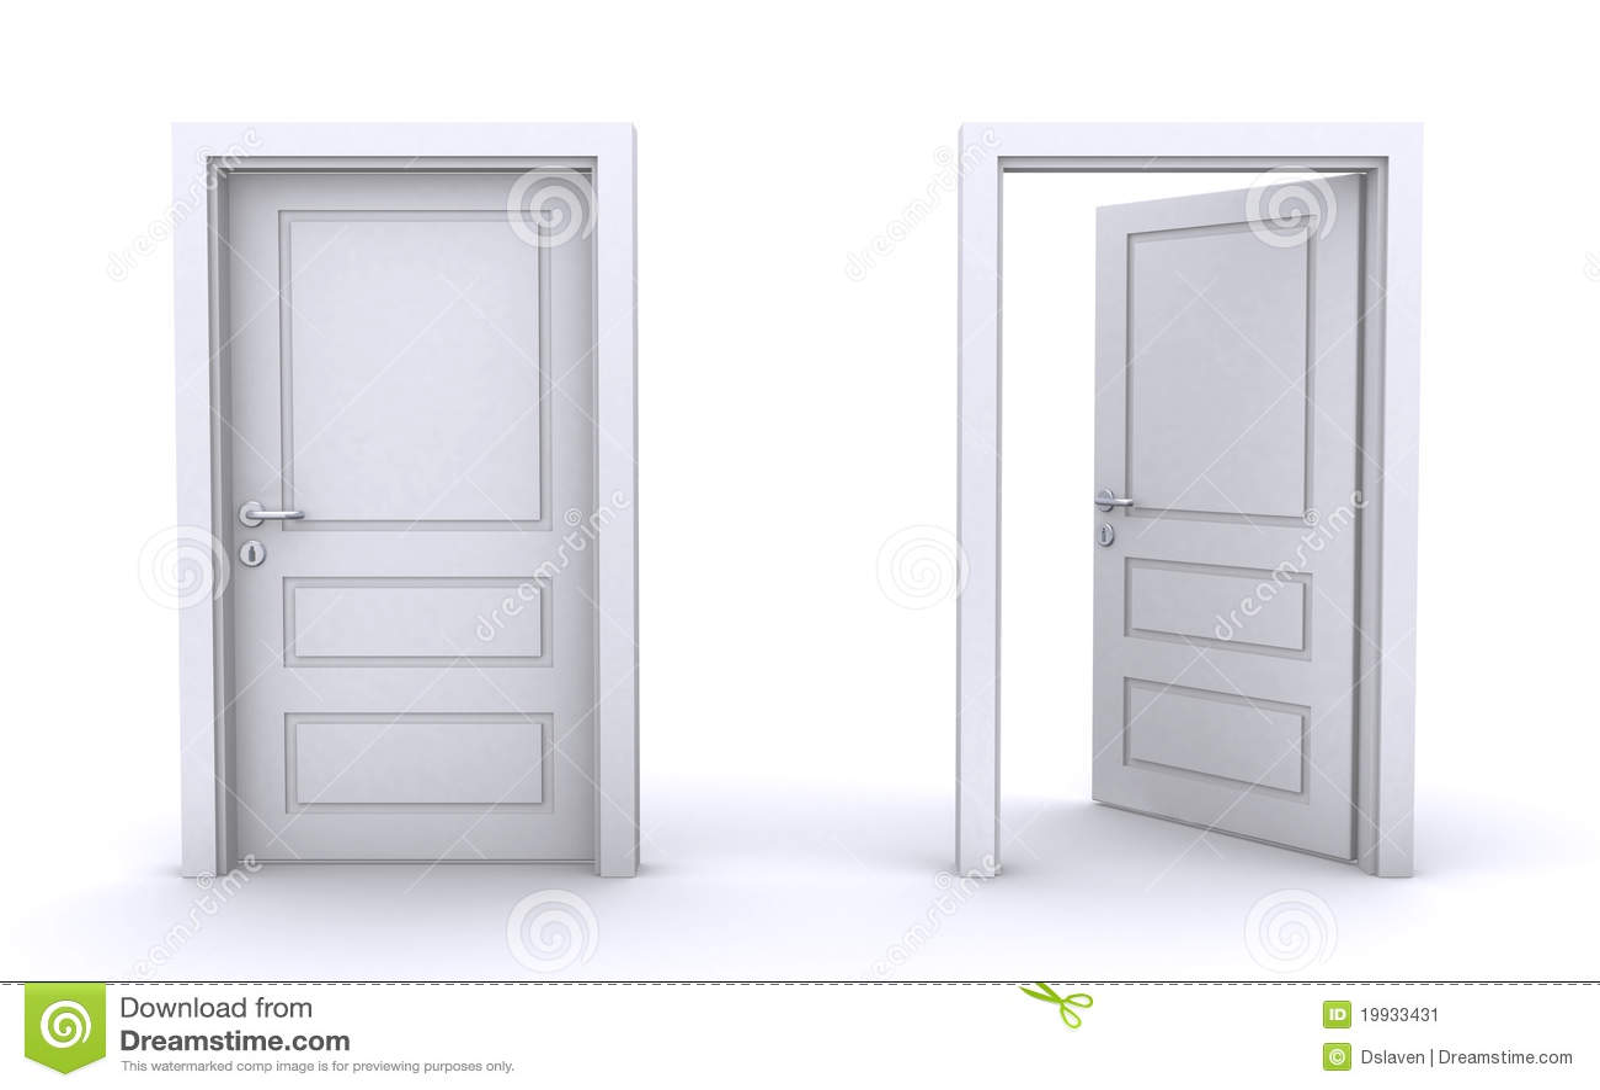 Geschlossene tür zeichnung  Geöffnete Und Geschlossene Türen Stockbild - Bild: 19933431